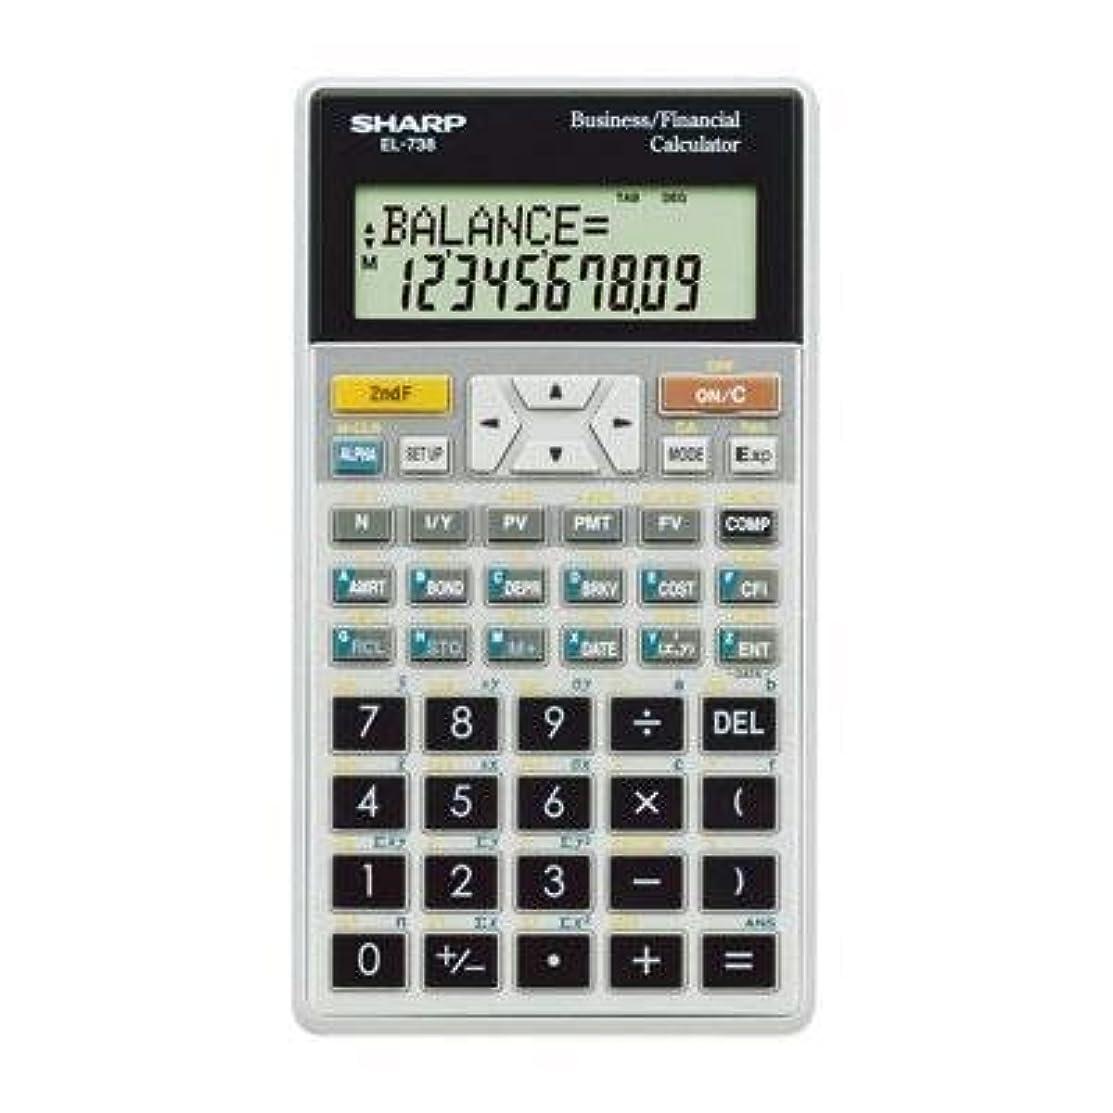 メルボルン脚本提出するSharp電子機器el738fb償却財務Calc